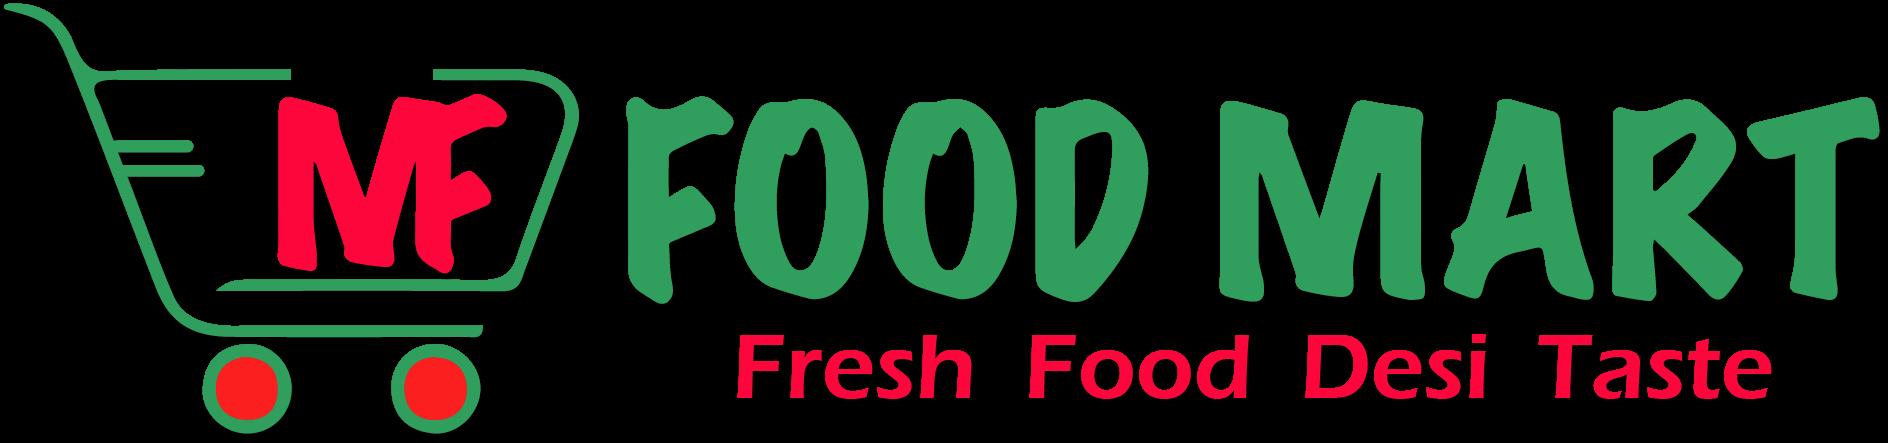 MF FOOD MART